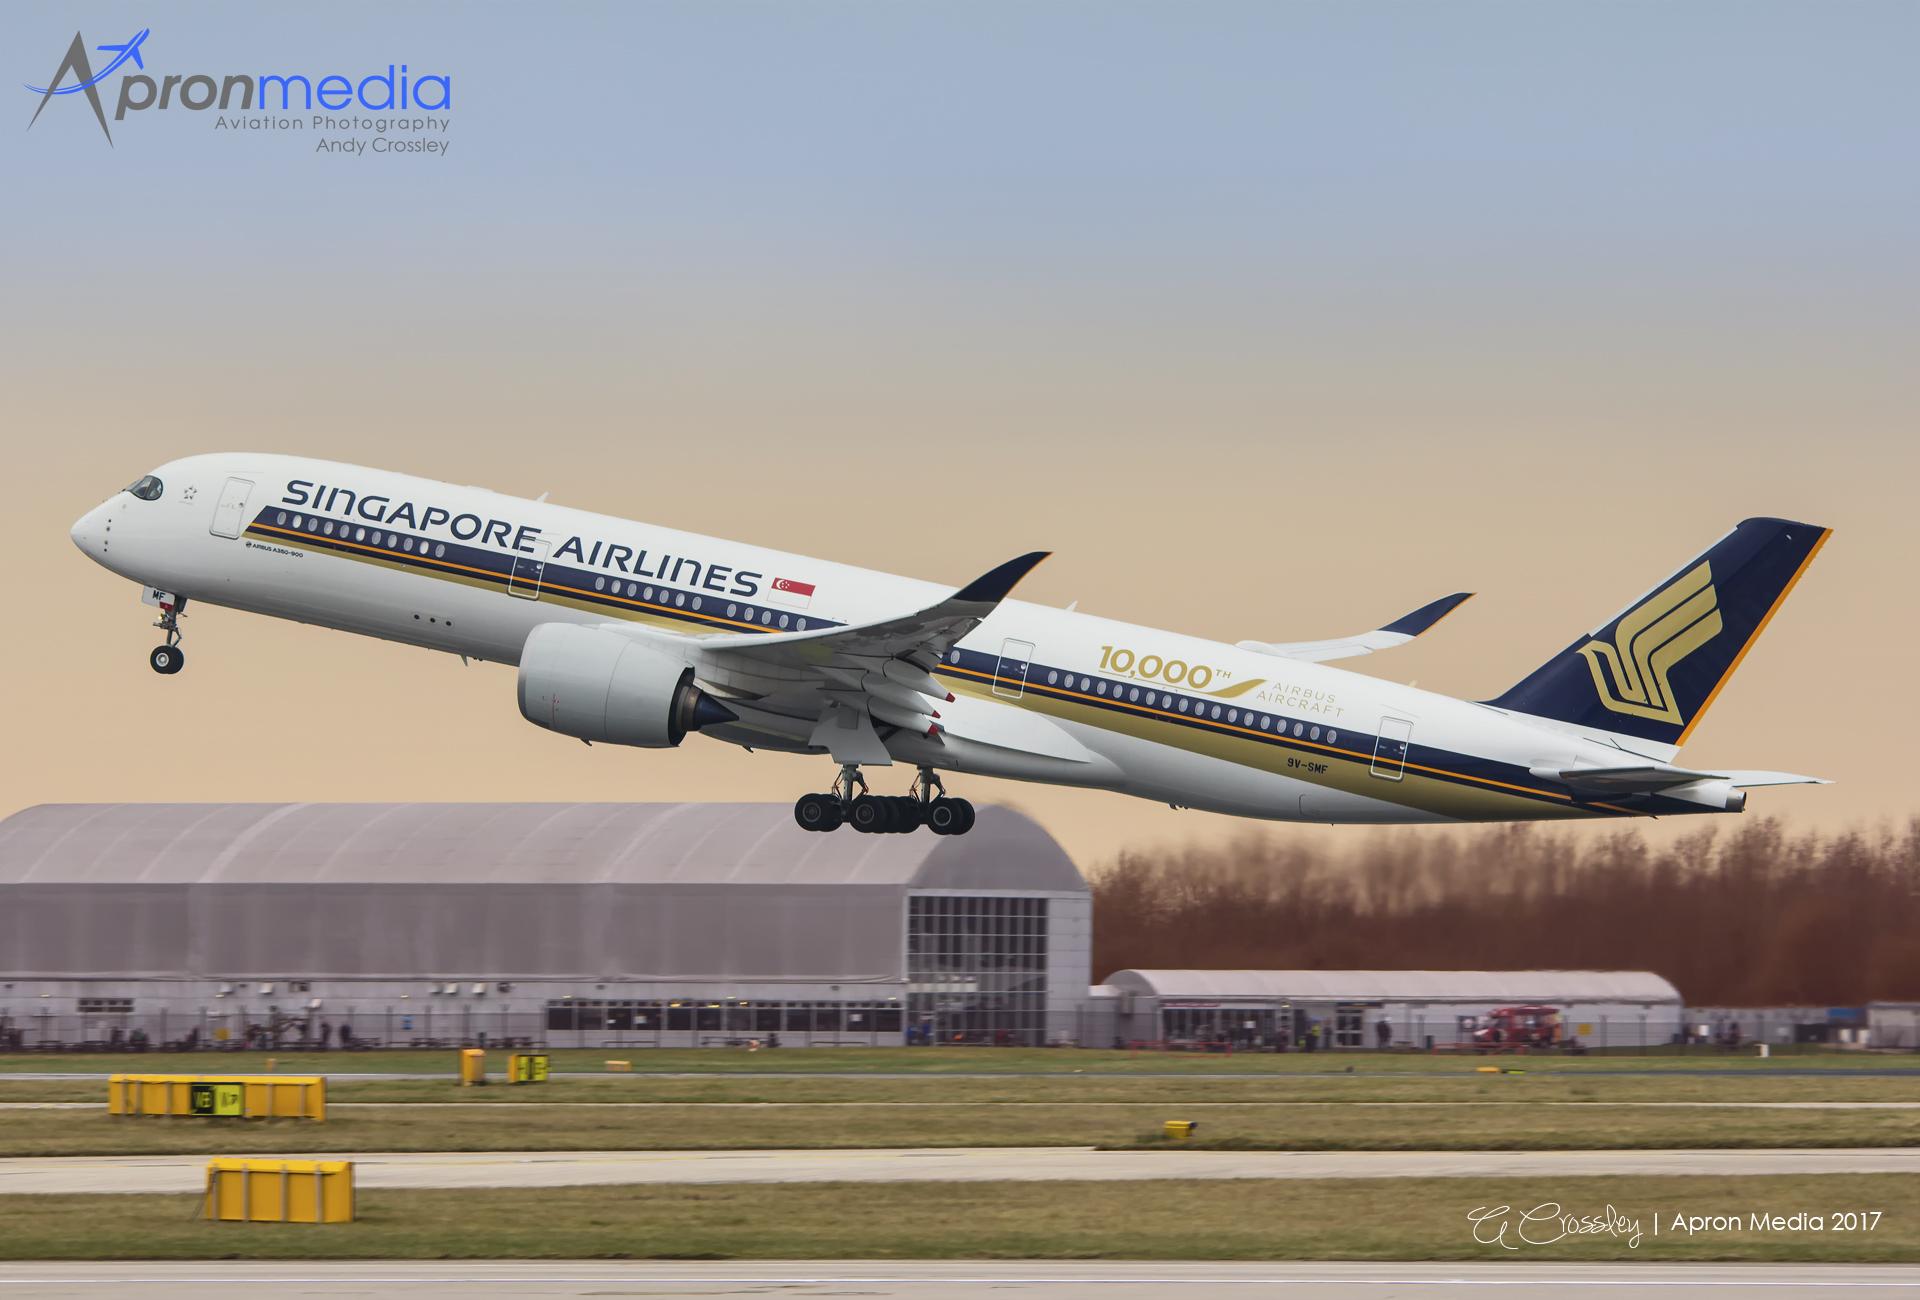 Wallpaper : outdoor, plane, sky, speed, metal, may, landing